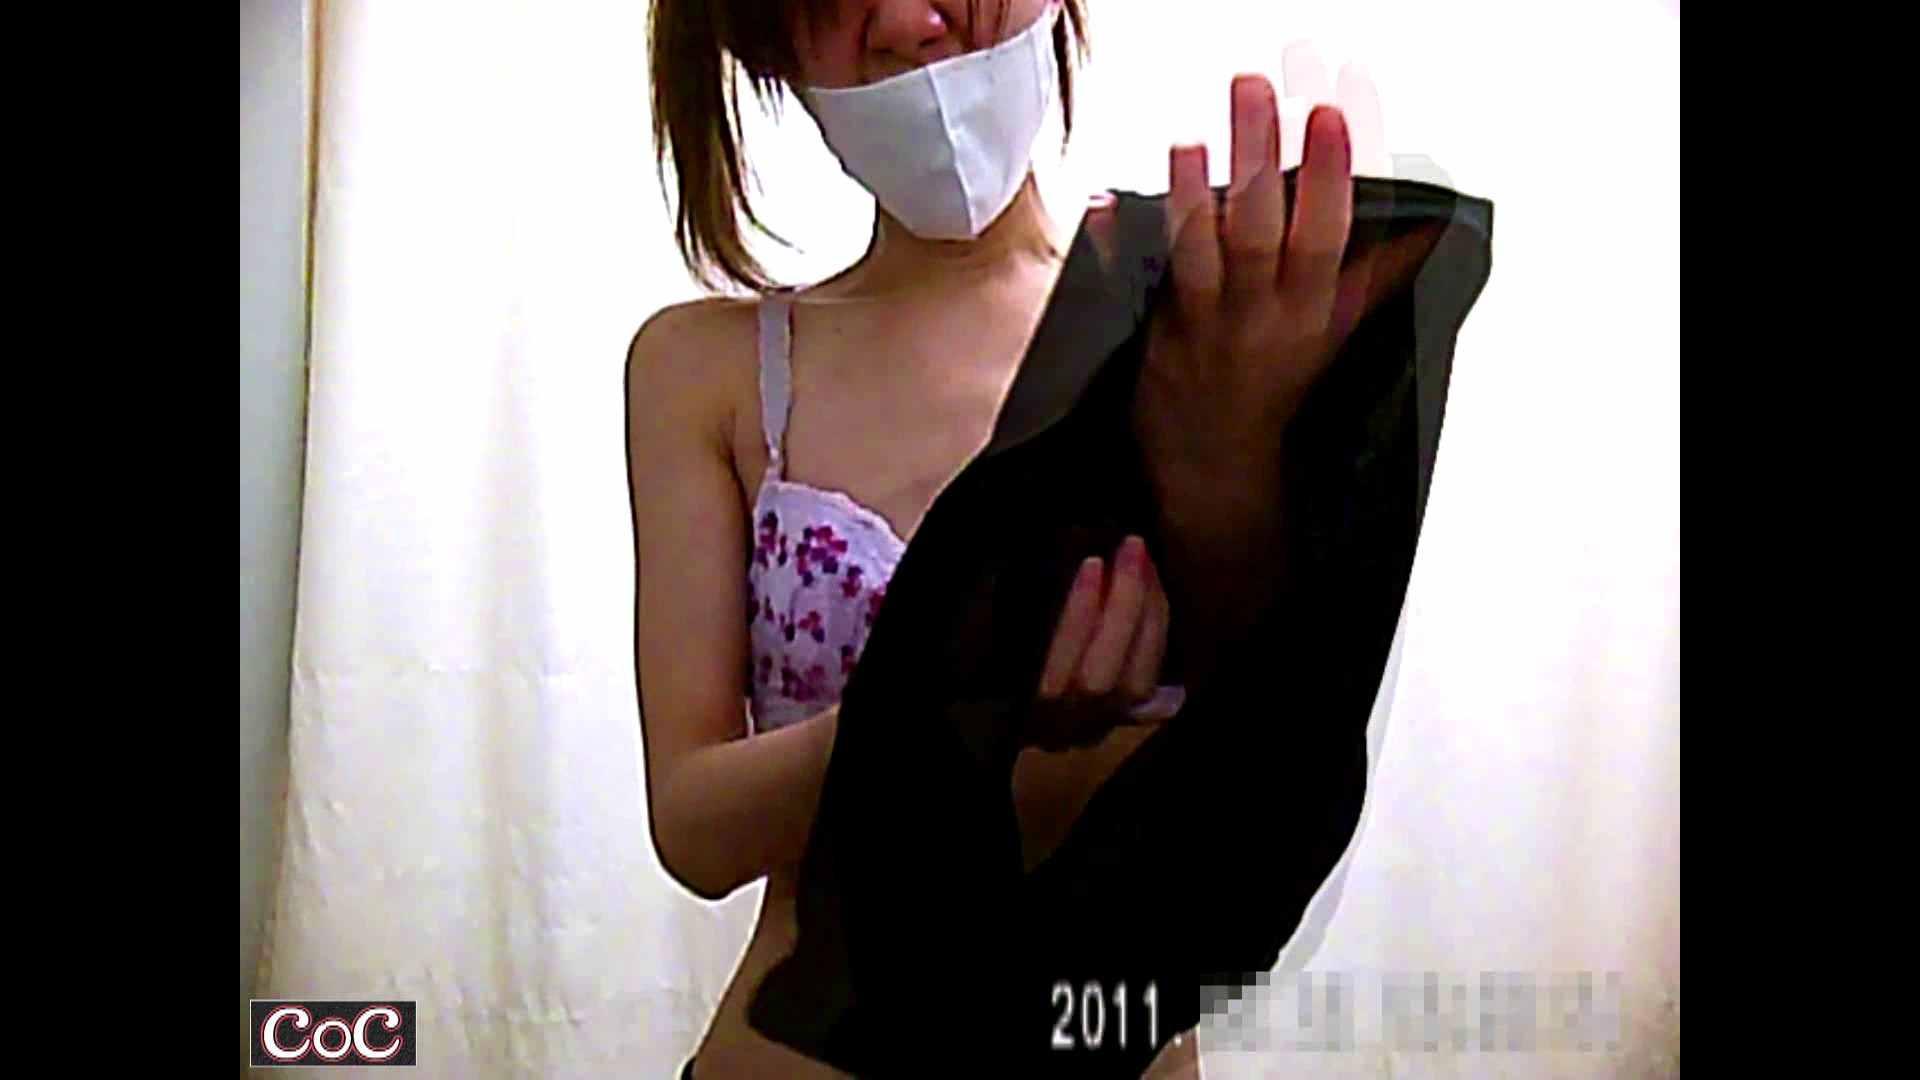 病院おもいっきり着替え! vol.125 貧乳編 のぞき動画キャプチャ 76画像 39